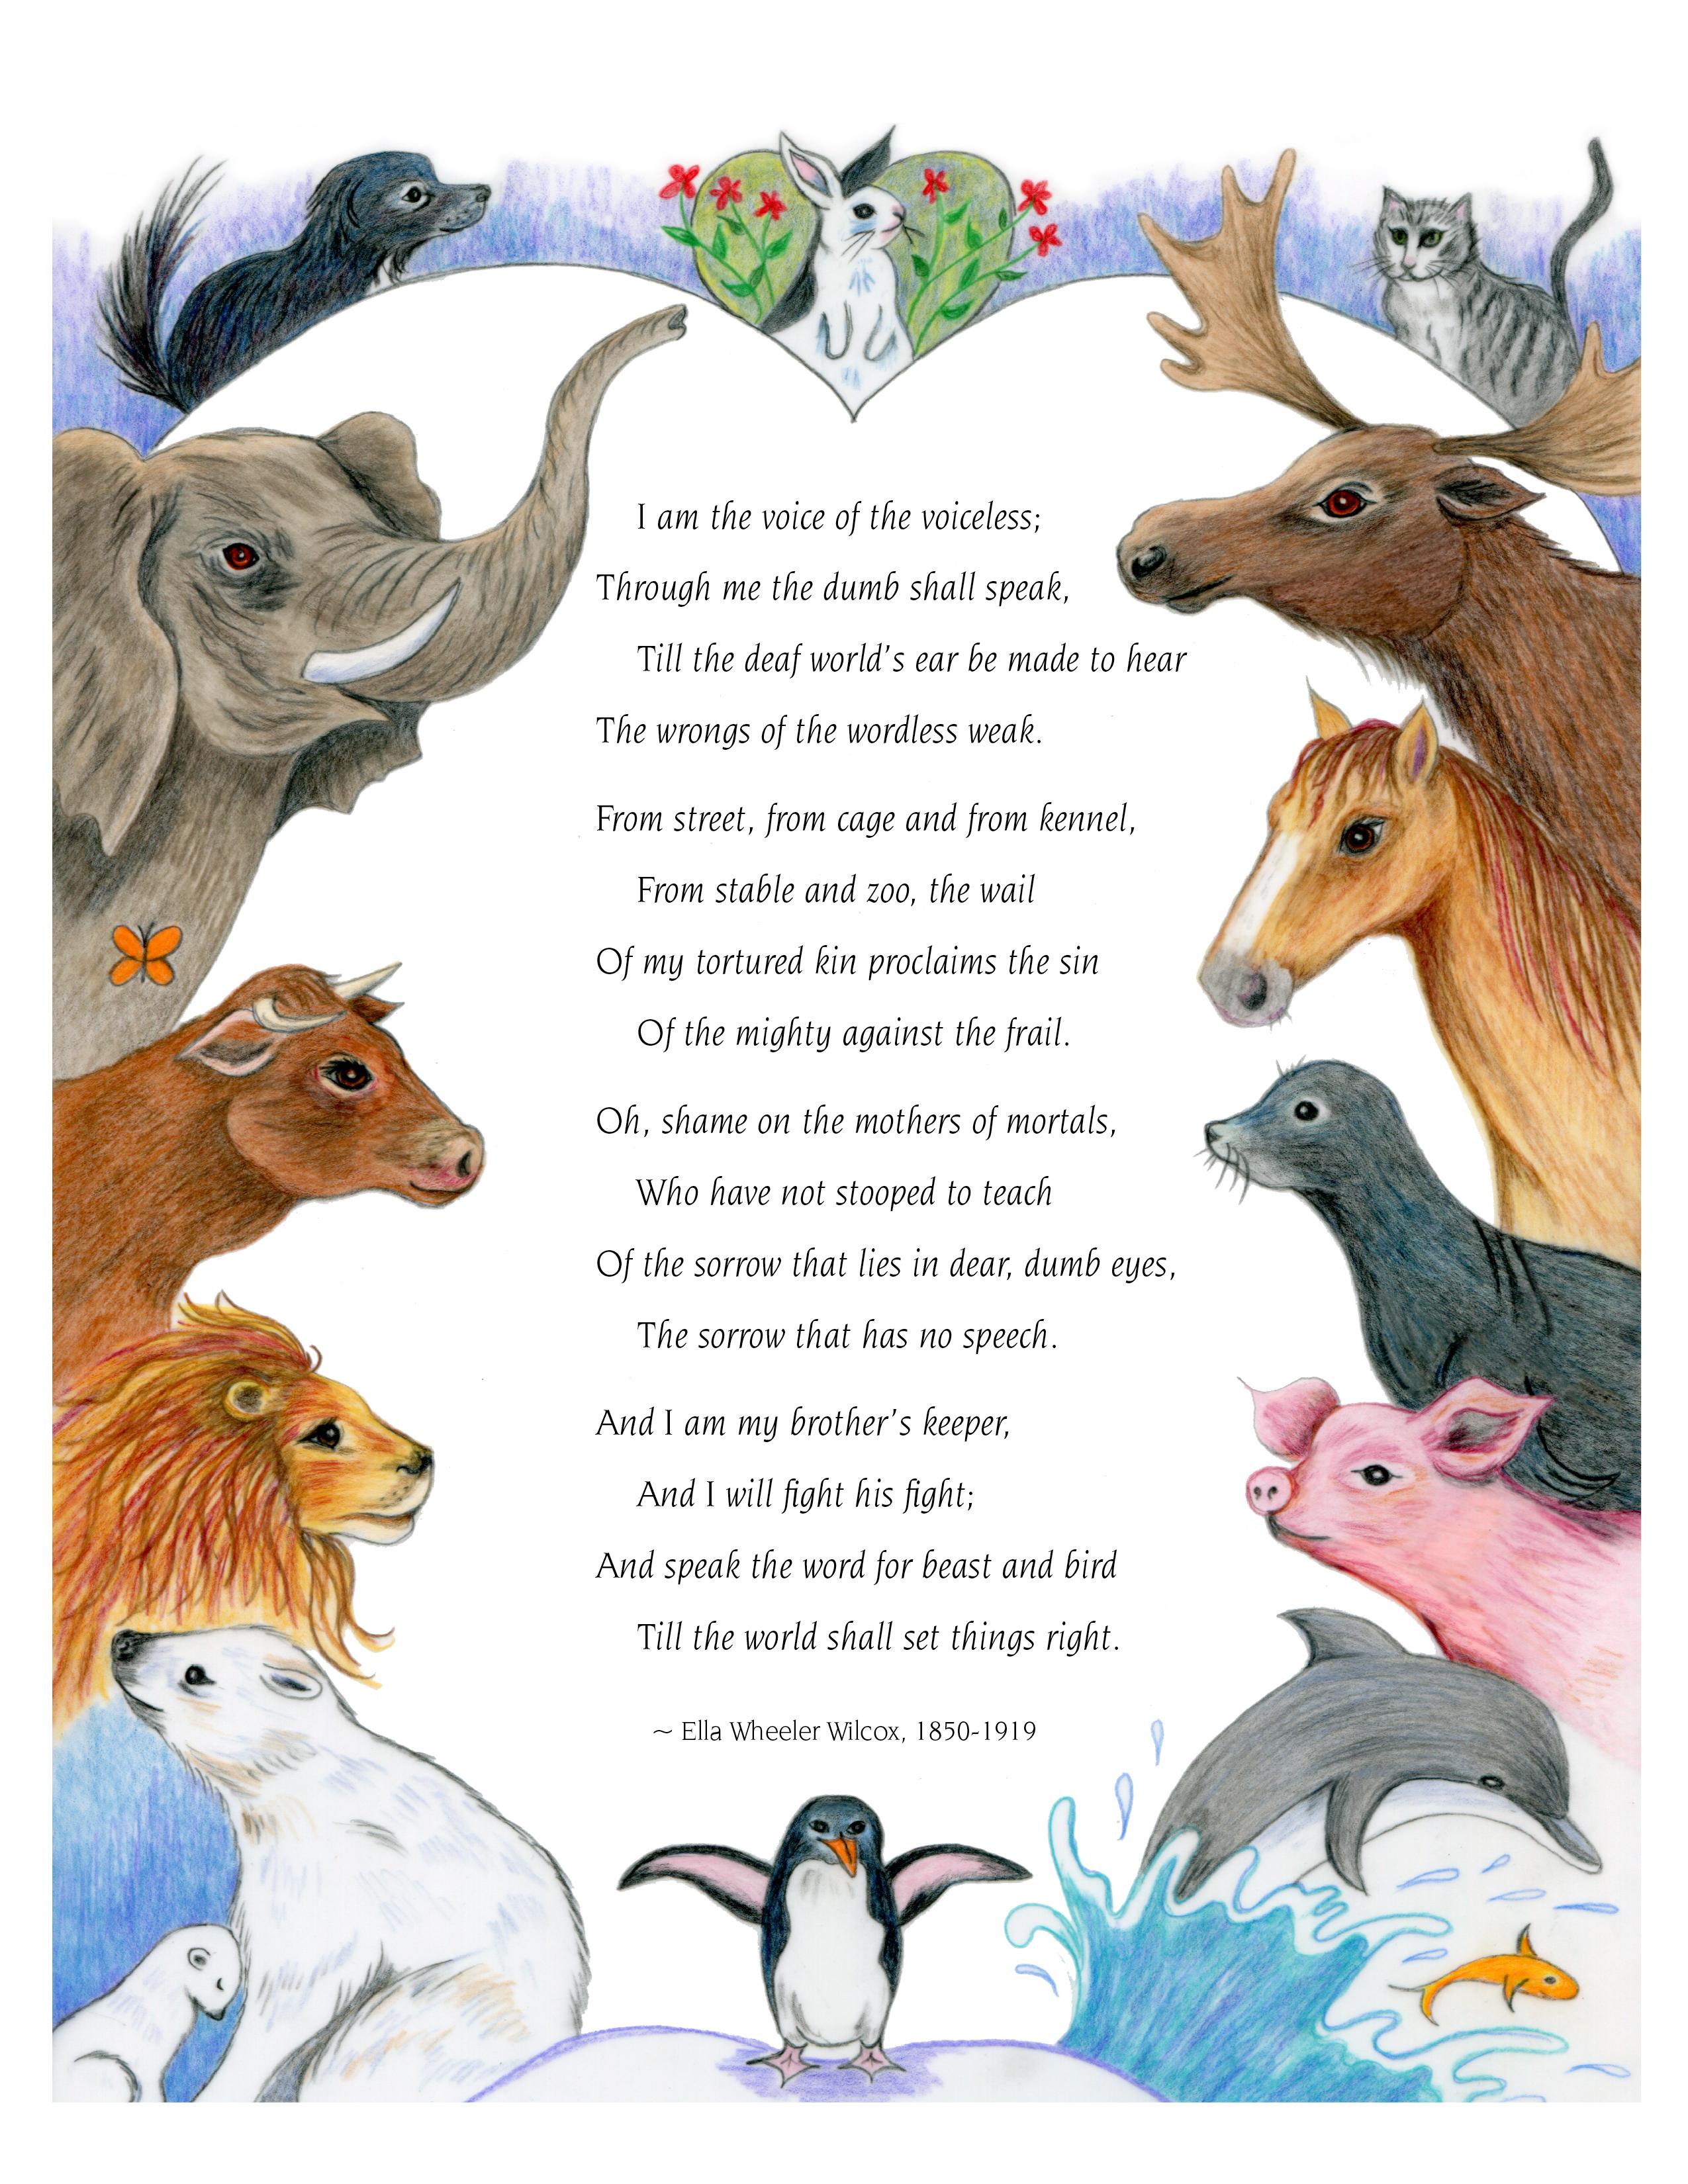 wilcox poem